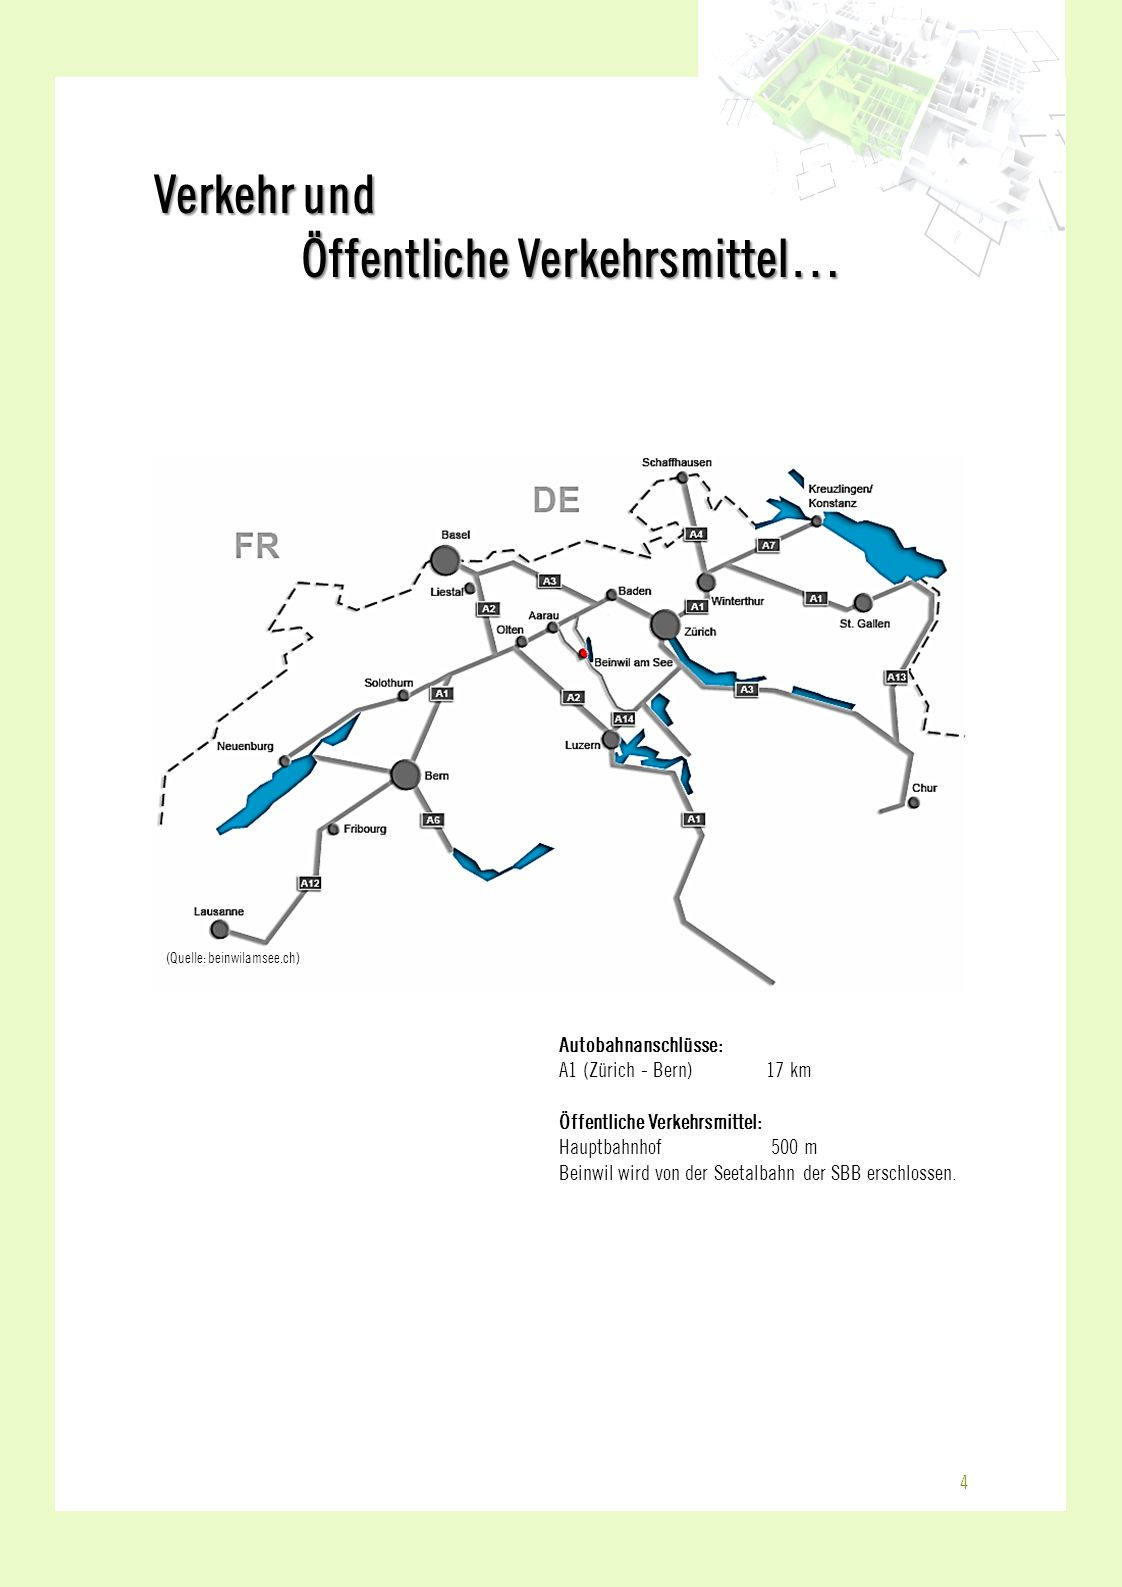 4 Autobahnanschlüsse: A1 (Zürich - Bern)17 km Öffentliche Verkehrsmittel: Hauptbahnhof 500 m Beinwil wird von der Seetalbahn der SBB erschlossen. Verk